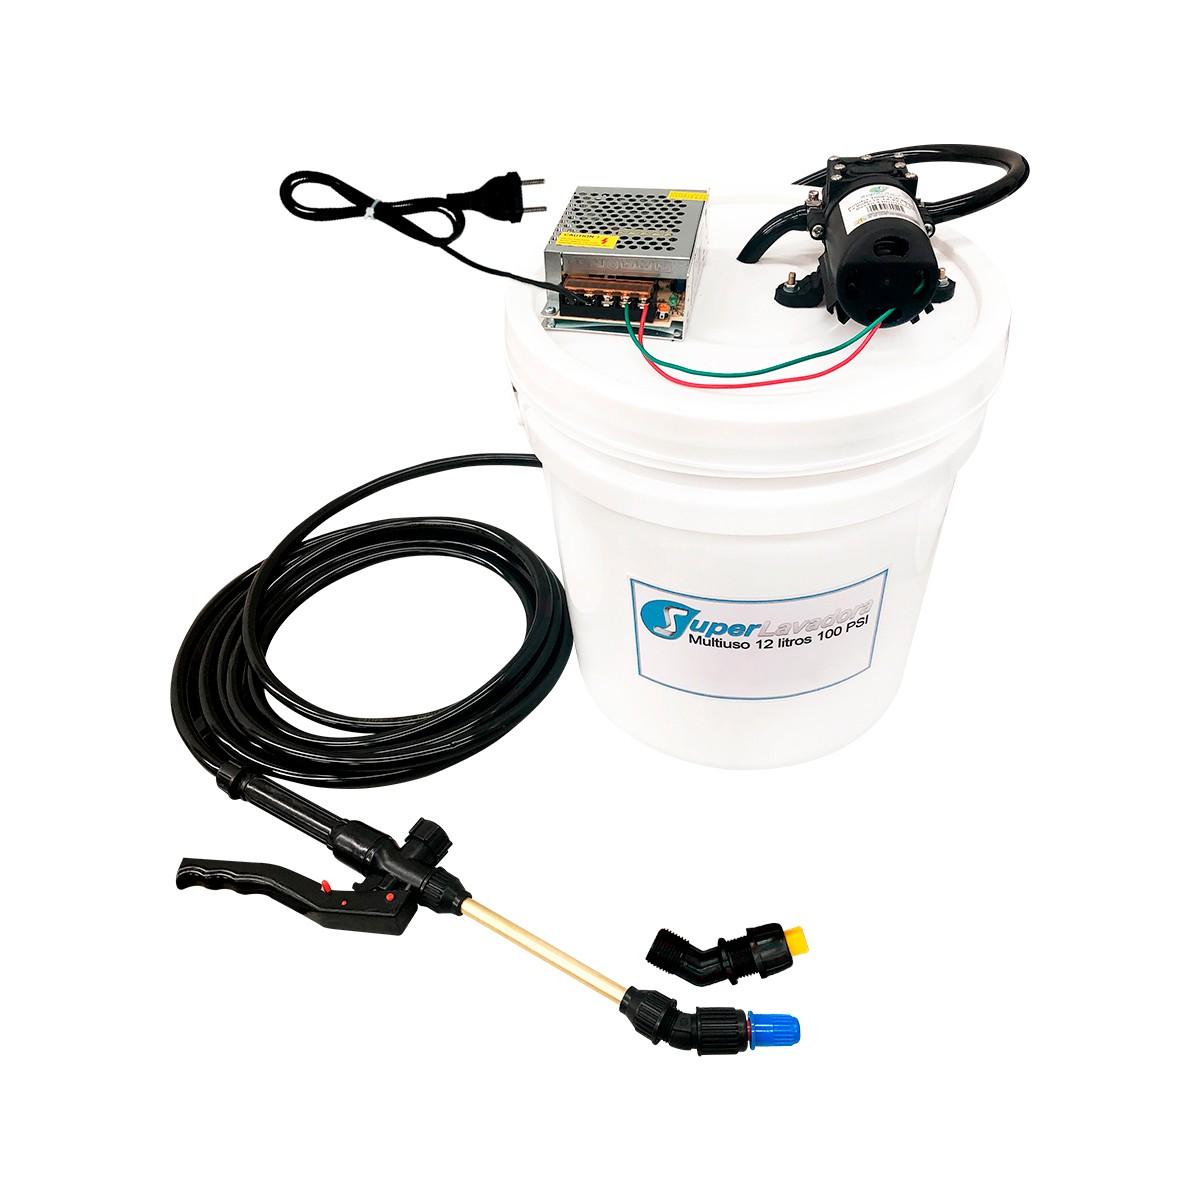 Lavadora Elétrica 12L 100PSI Carrinho + Bolsa Coletora até 36000 BTUS